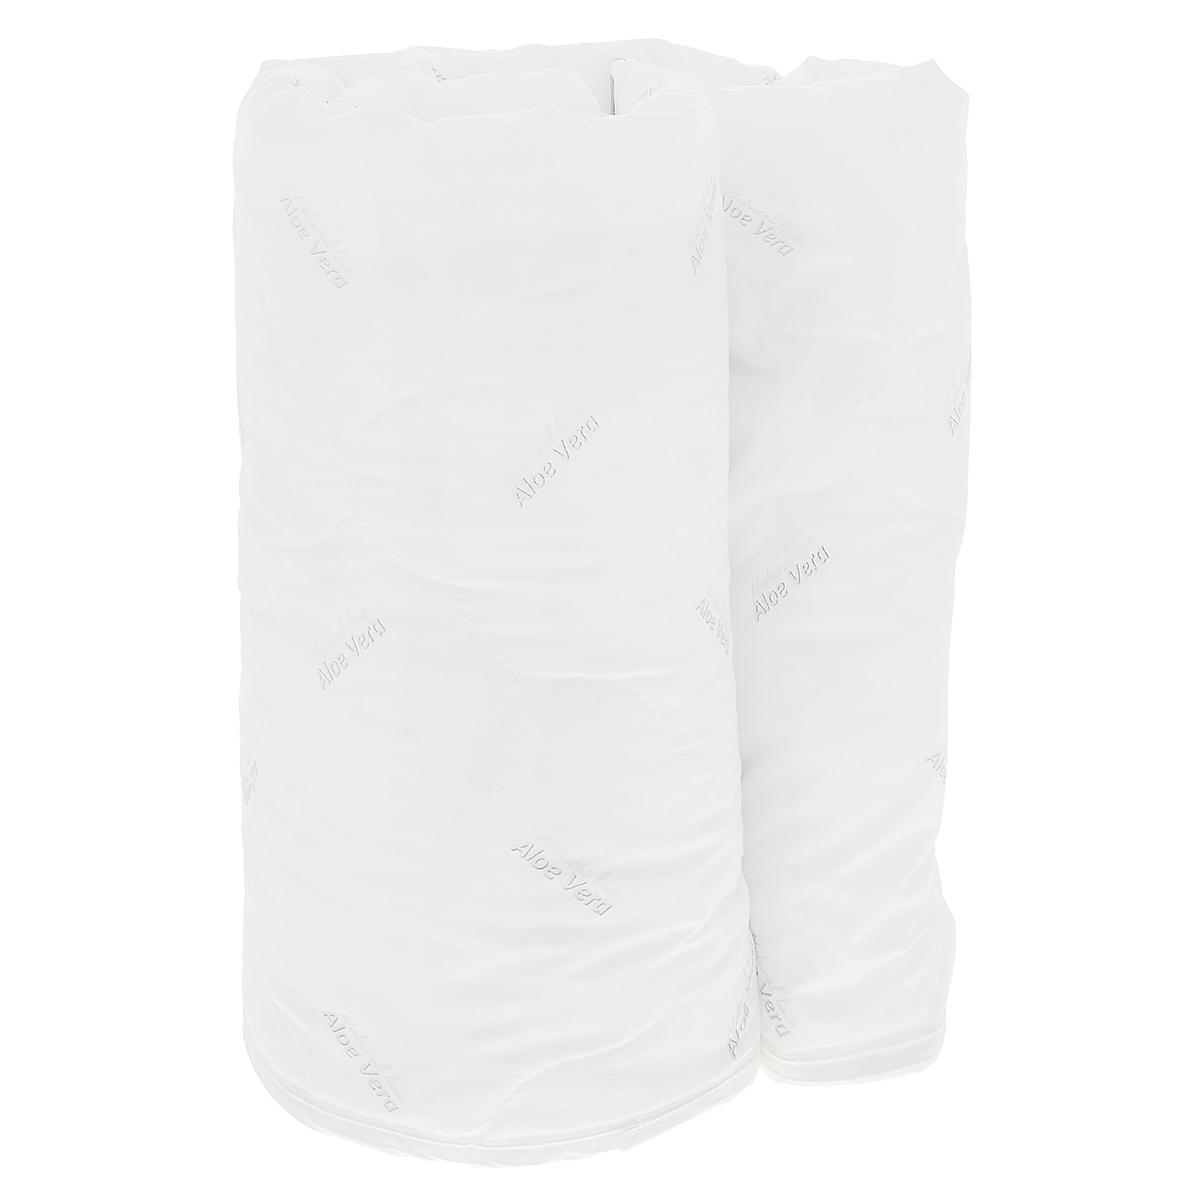 Одеяло Verossa AloeVera, наполнитель: полиэстеровое волокно, 140 см х 205 см531-103Легкое одеяло Verossa AloeVera подарит комфортный сон вам и вашей семье.Чехол изготовлен из смесовой ткани с обработкой Aloe Vera, наполнитель - 100% полиэстеровое волокно. Aloe Vera - специальный биологический компонент, стимулирующий защитные силы организма. Алоэ вера обладает общеукрепляющим действием, содержит полезные для красоты и здоровья витамины и минералы. К тому же это прекрасный антиоксидант, способствует обновлению клеток, увлажняет и питает кожу во время сна. Компонент алое вера не пахнет, устойчив к стиркам и не оказывает вредного влияния на человека. Такое одеяло подойдет тем, кто заботится о красоте даже во время сна.Материал чехла: смесовая ткань с обработкой Aloe Vera. Наполнитель: 100% полиэстеровое волокно. Плотность наполнителя: 150 г/м2.